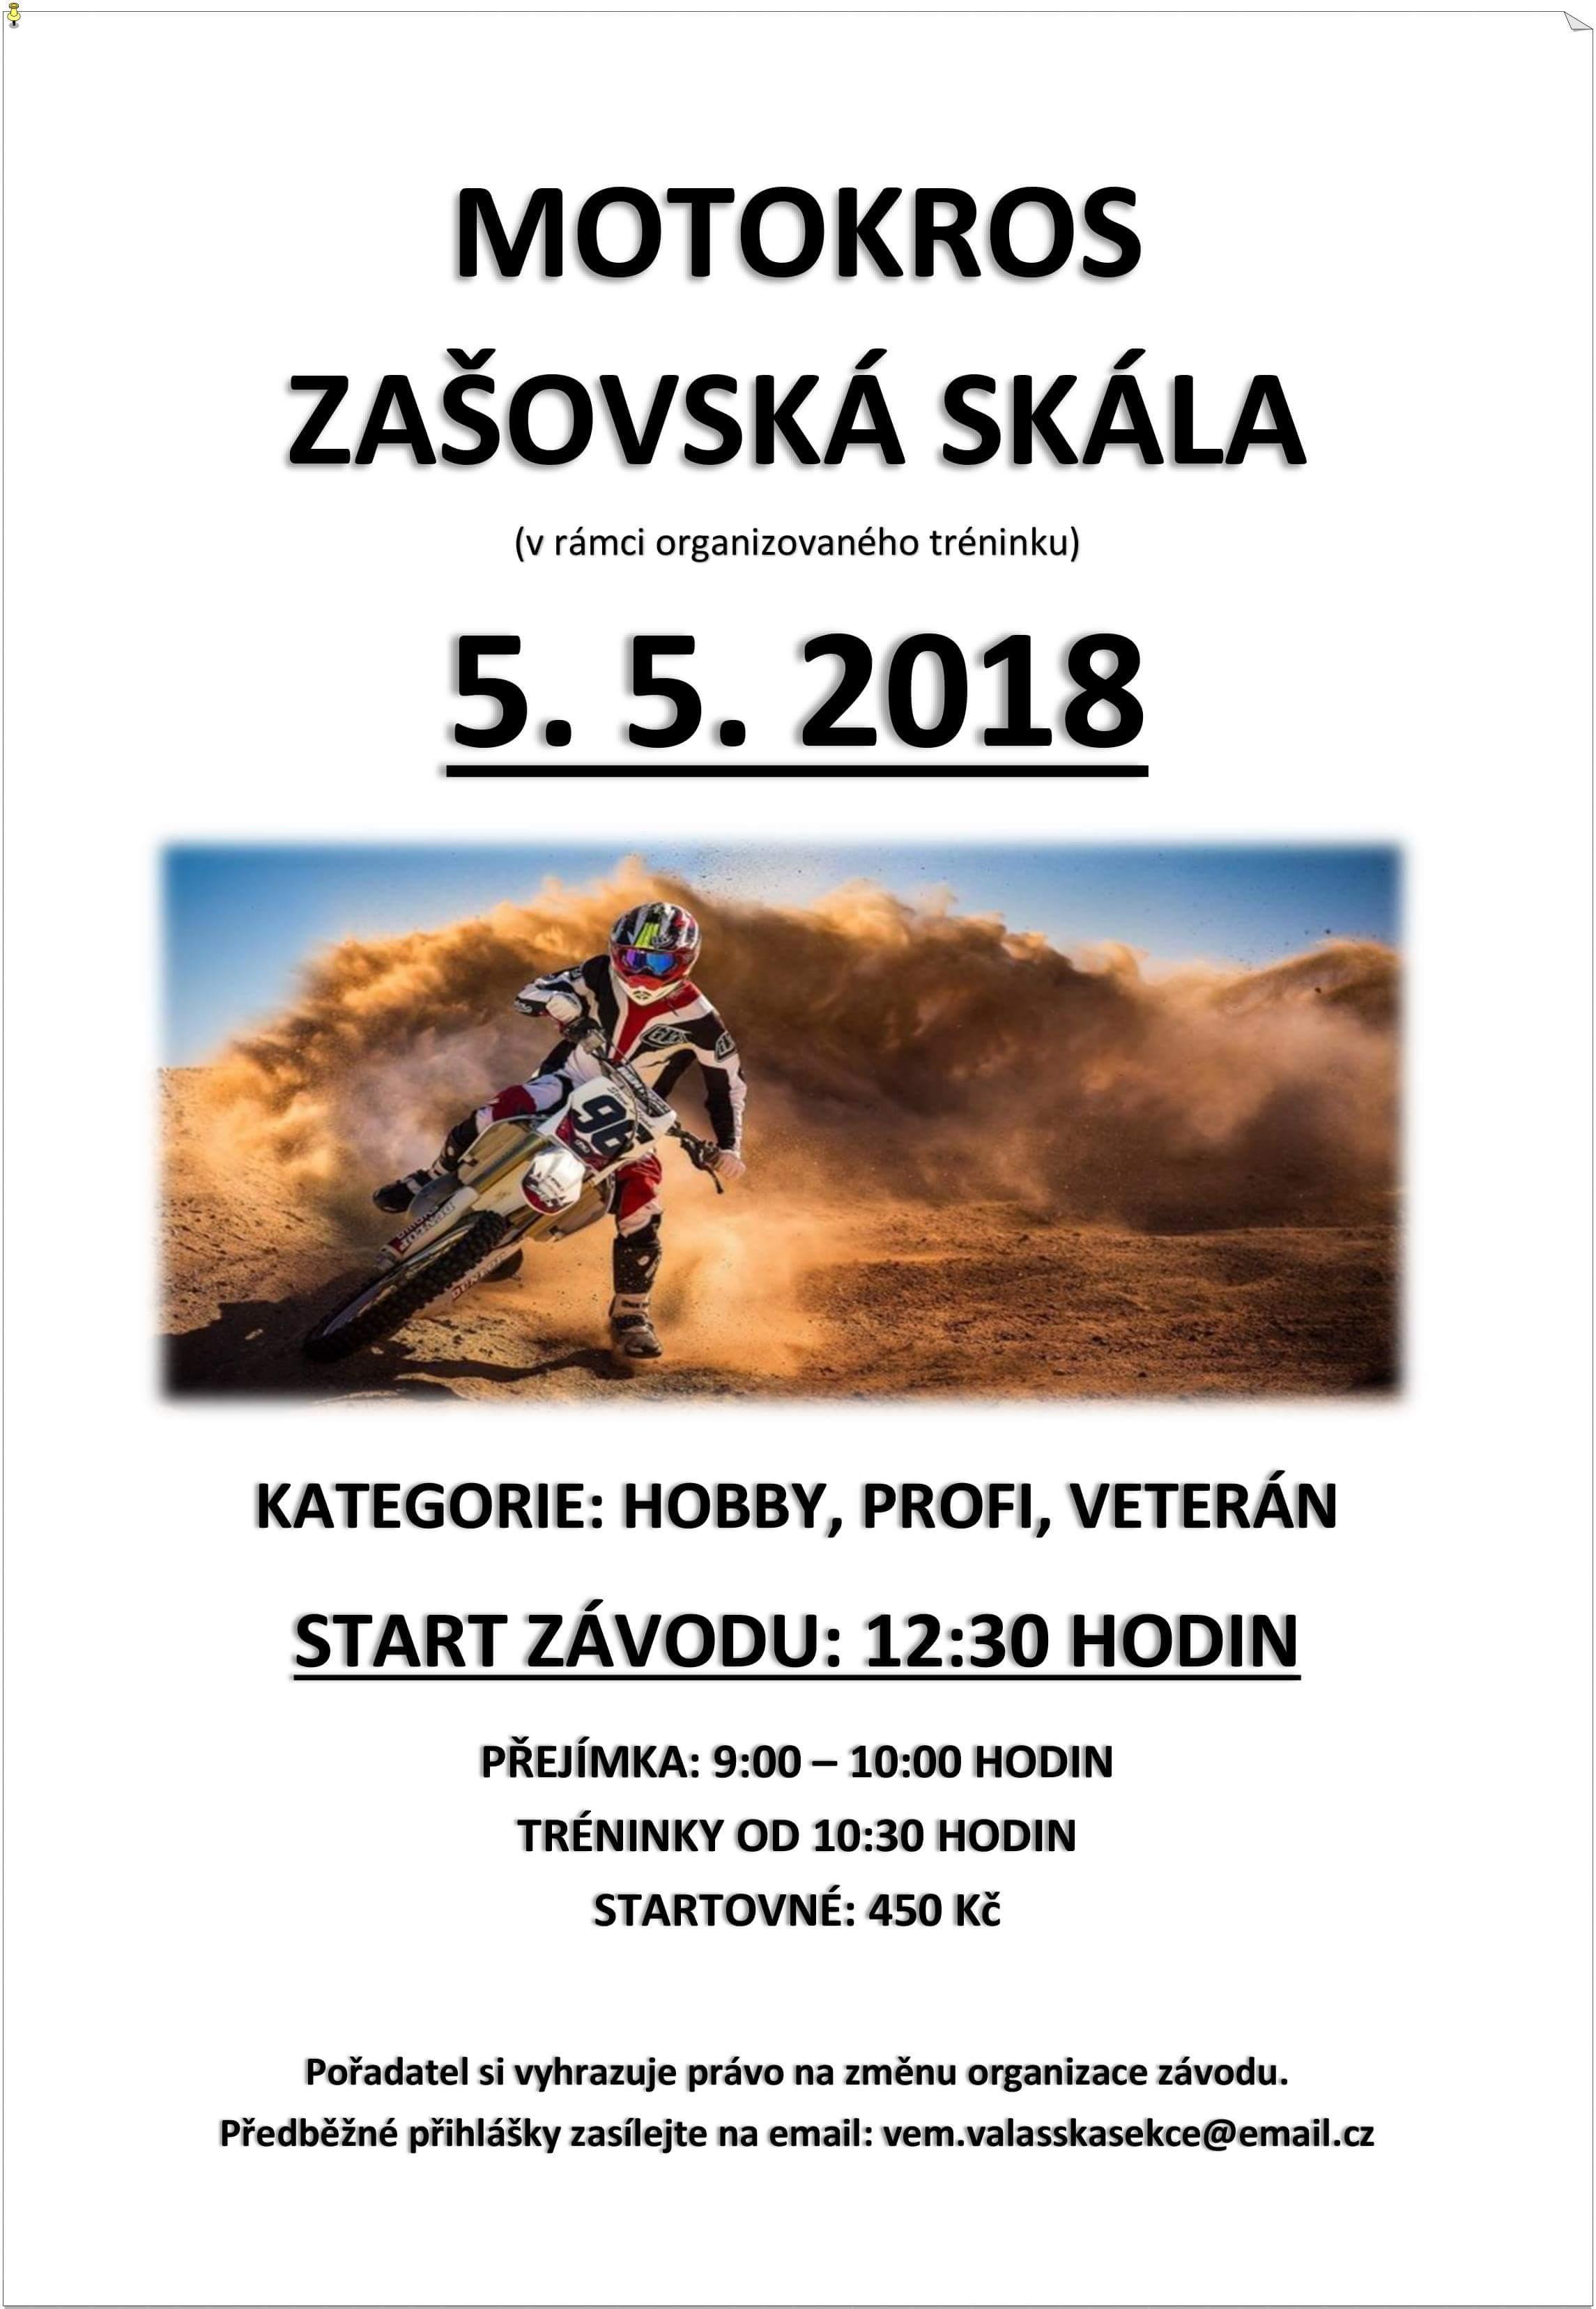 plakat zasovska skala 2018